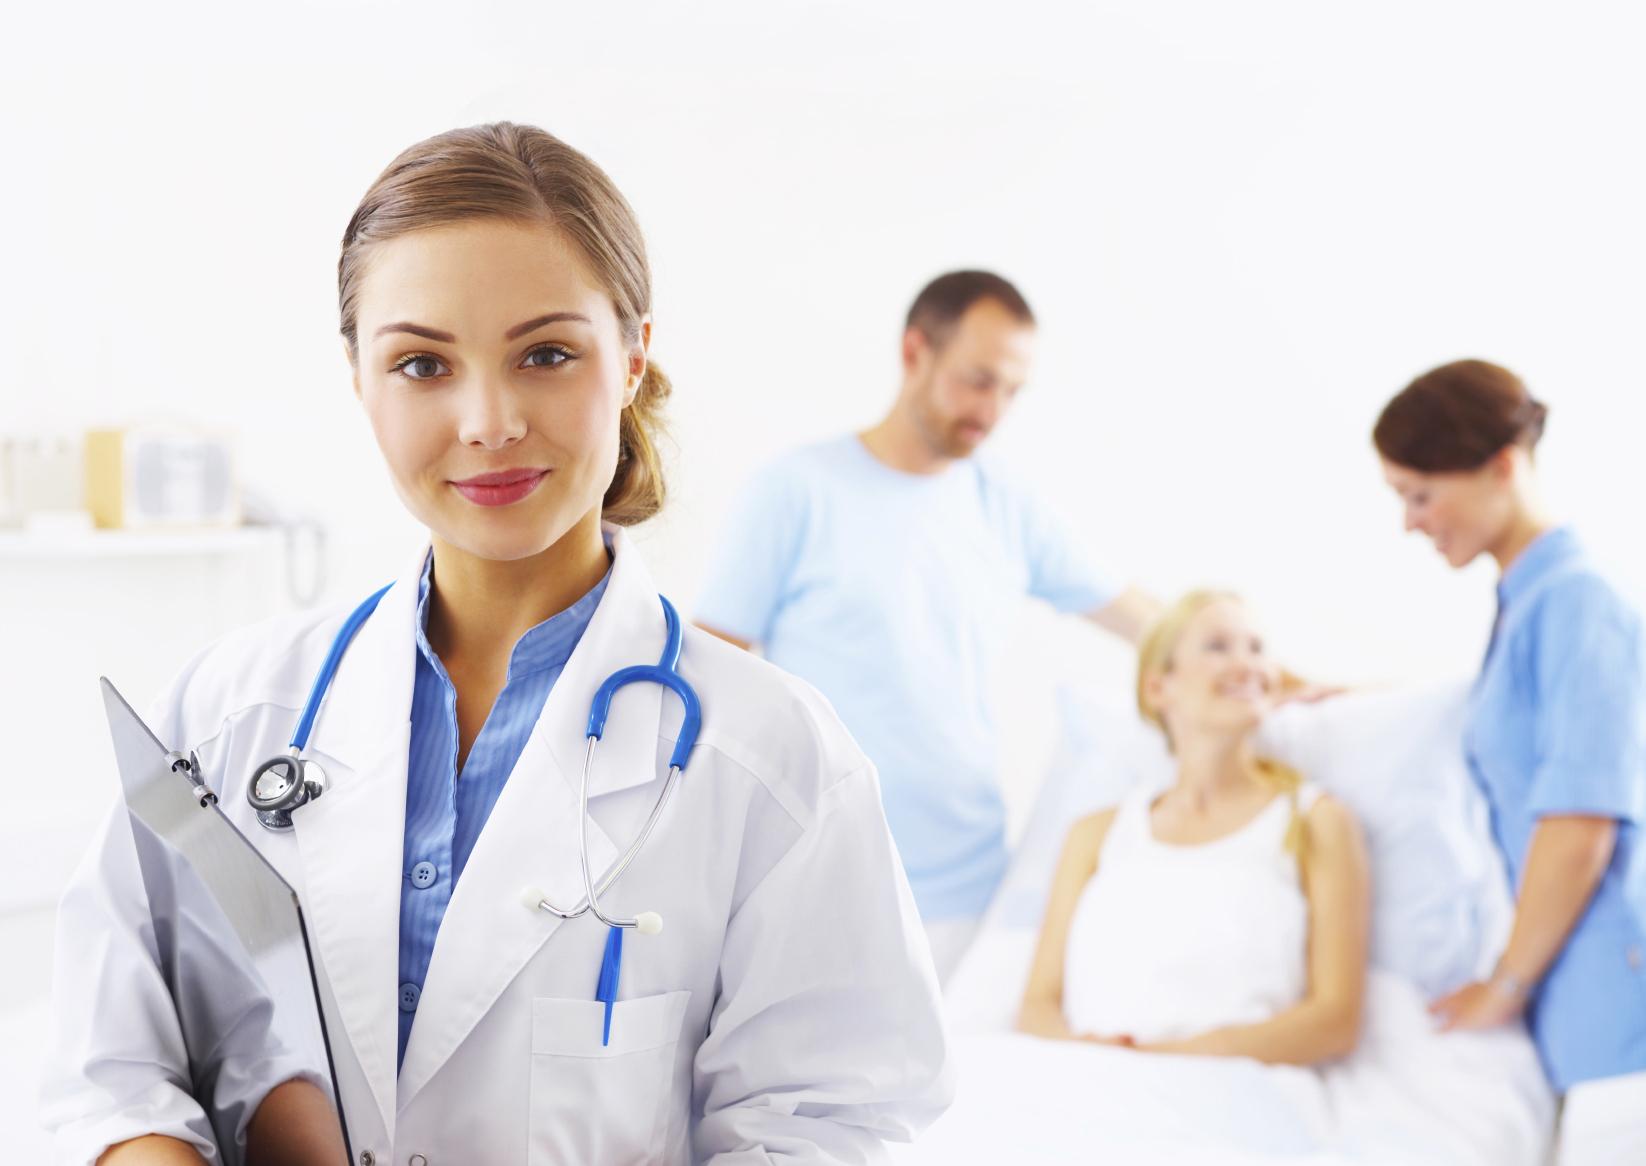 Potresti diventare un medico? Scoprilo con un test!